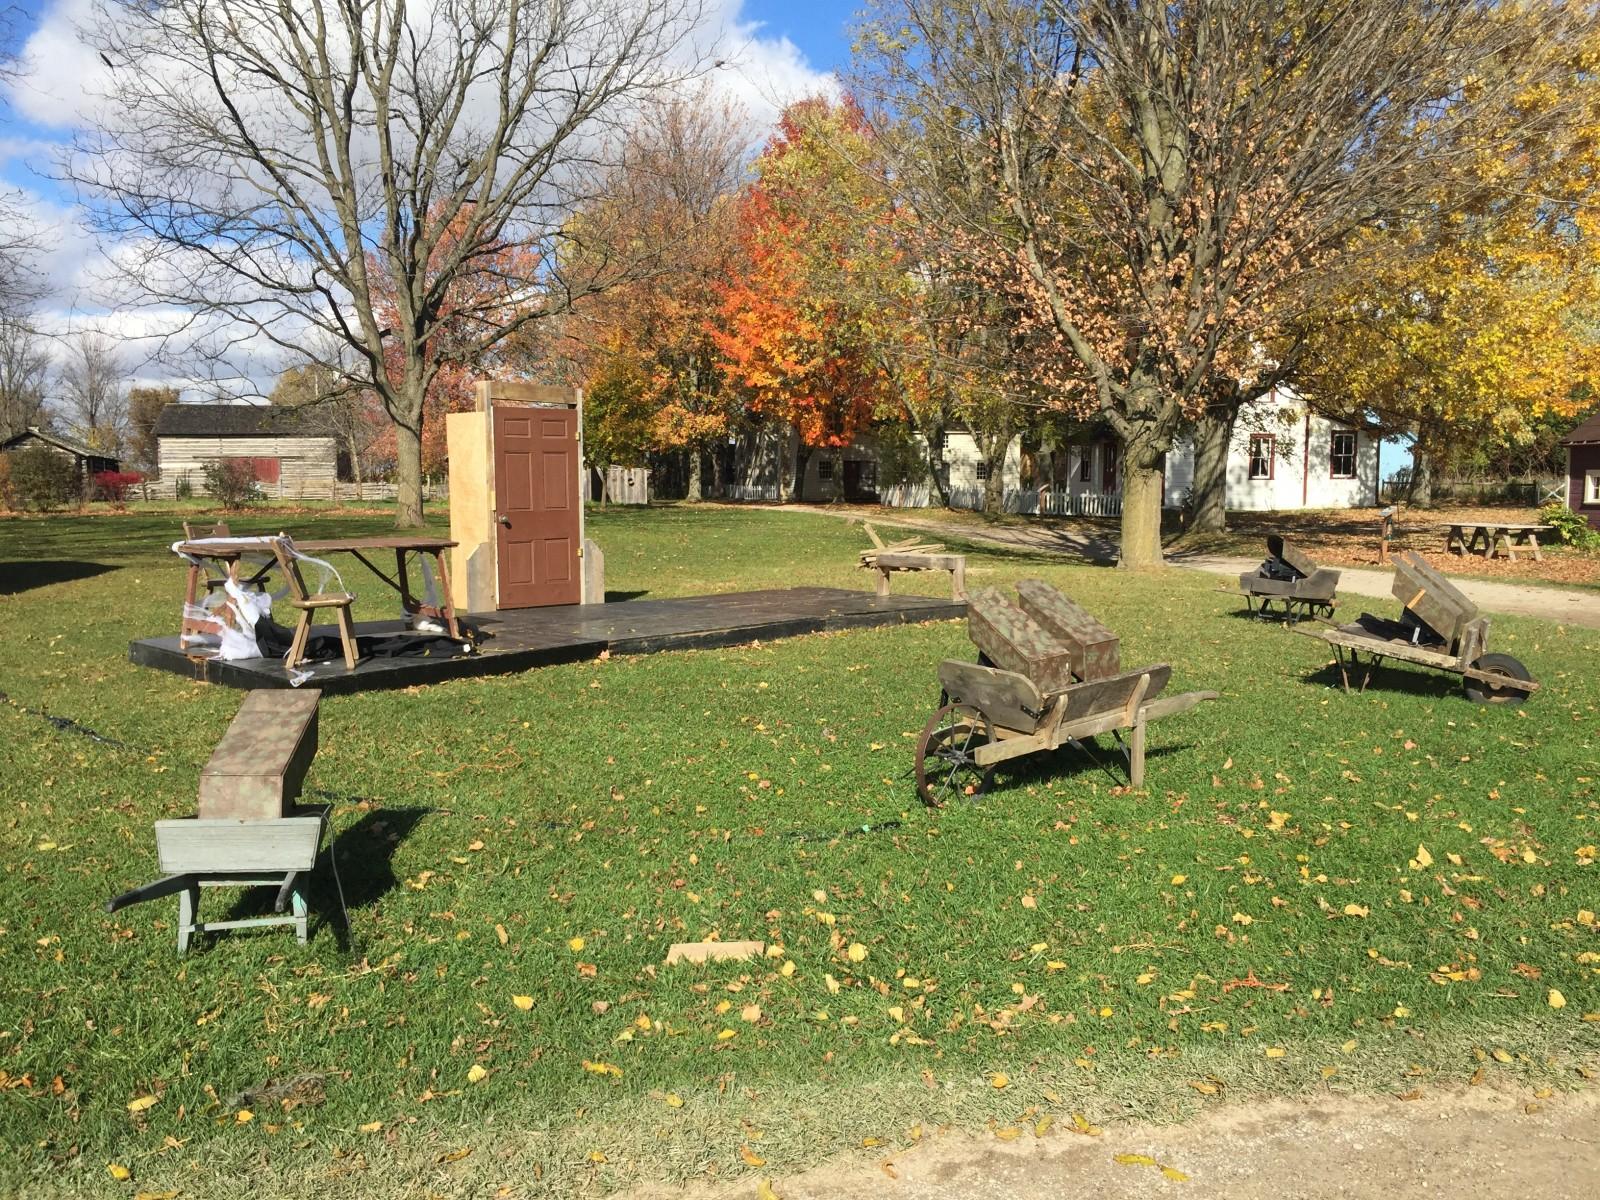 Fanshawe pioneer village hosting annual haunted hayride